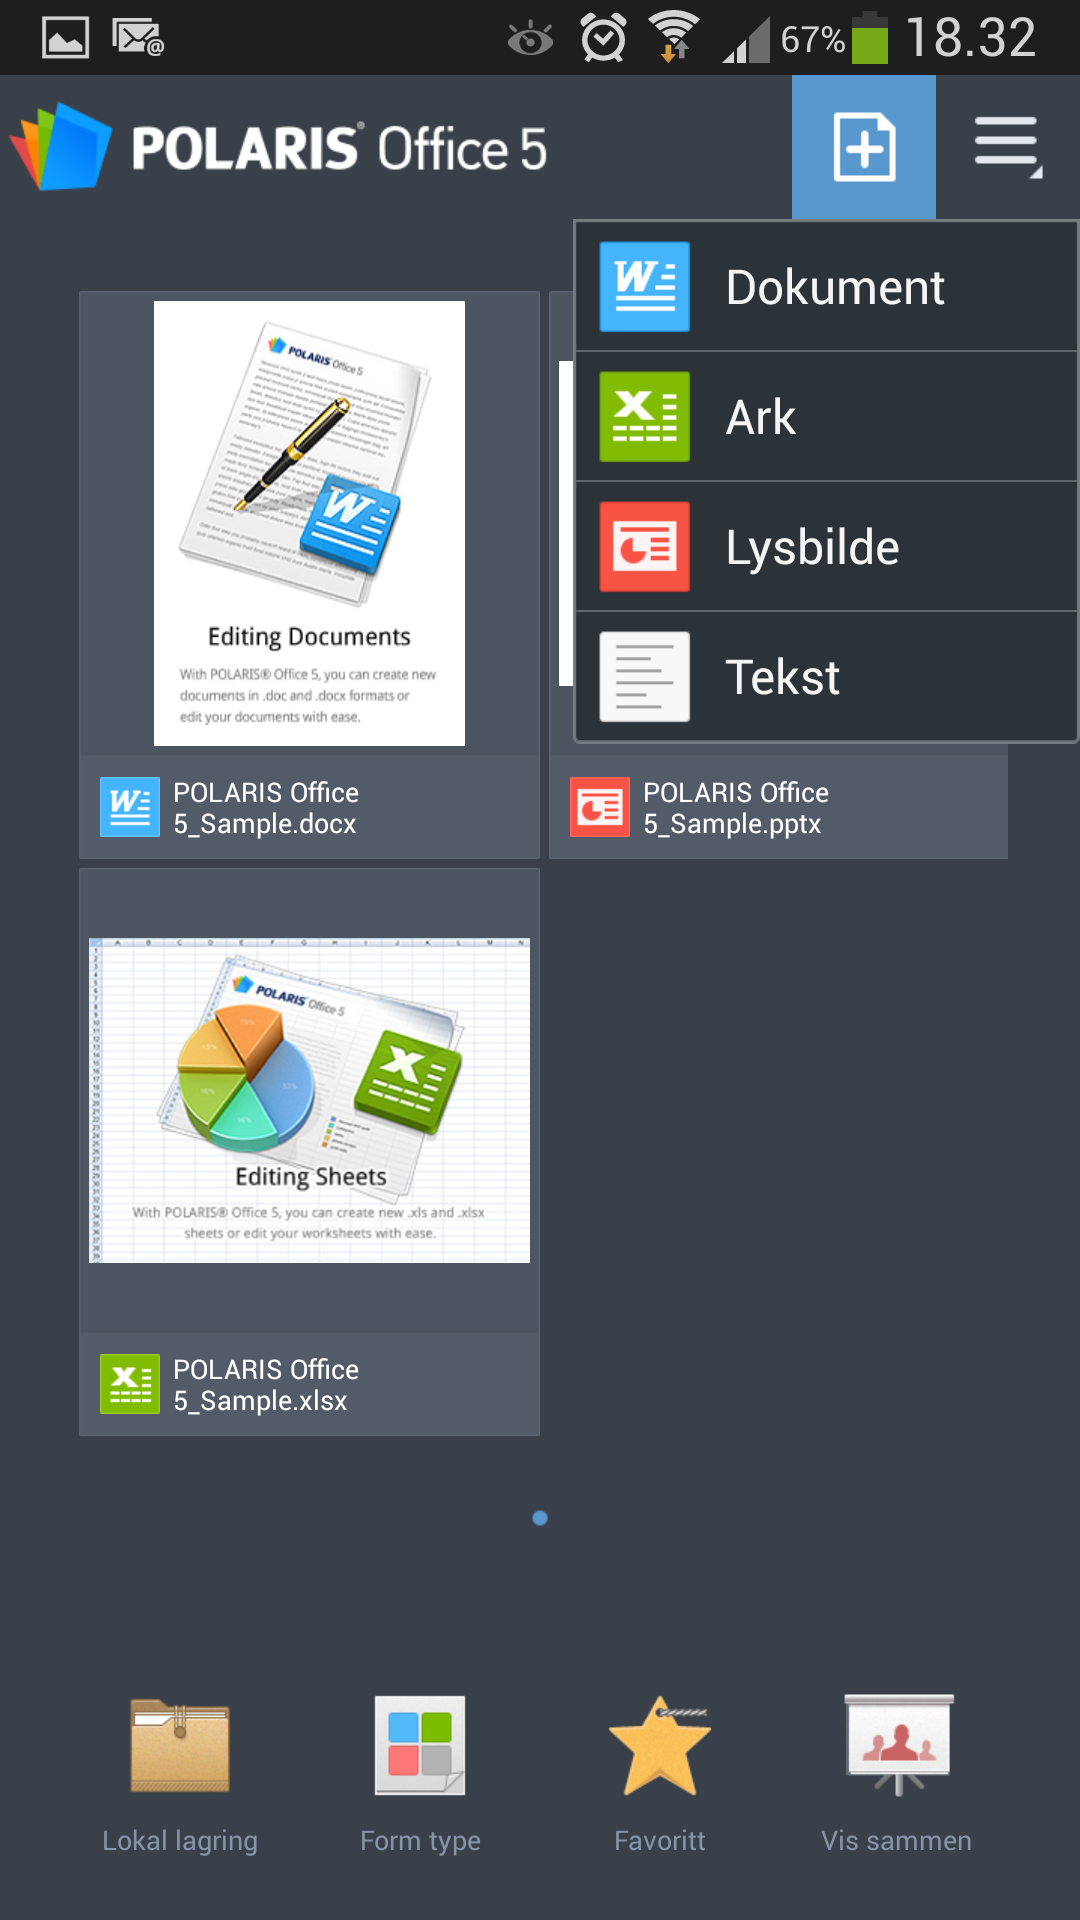 Polaris Office 5.0 er en særdeles kapabel kontorpakke.